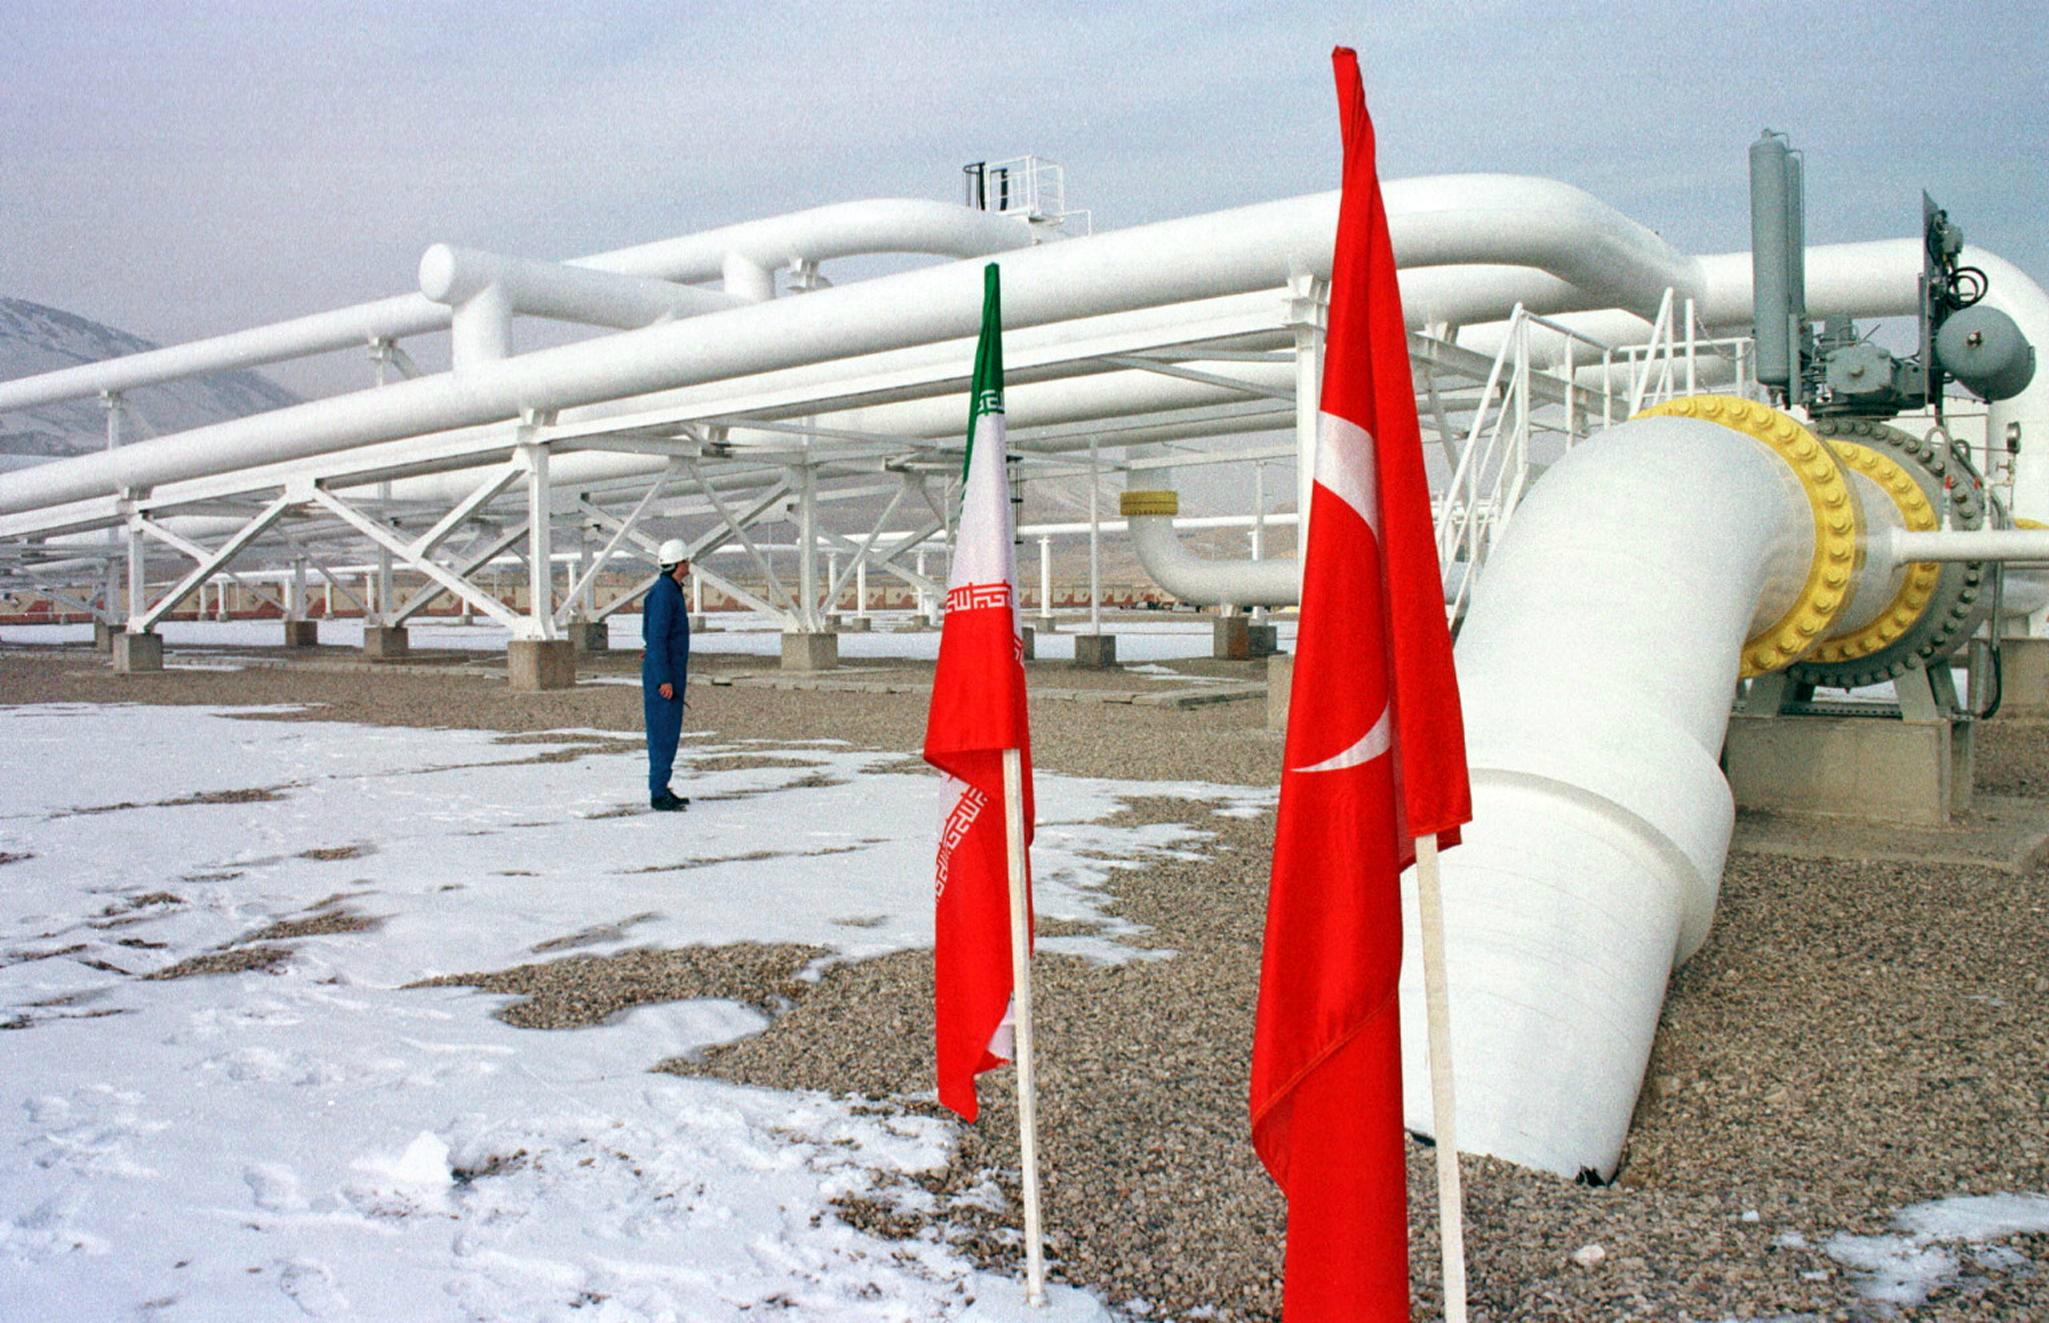 EKSPLOZIJA I POŽAR NA PLINOVODU! Iran tvrdi da je napad terorista zaustavio izvoz plina u Tursku!